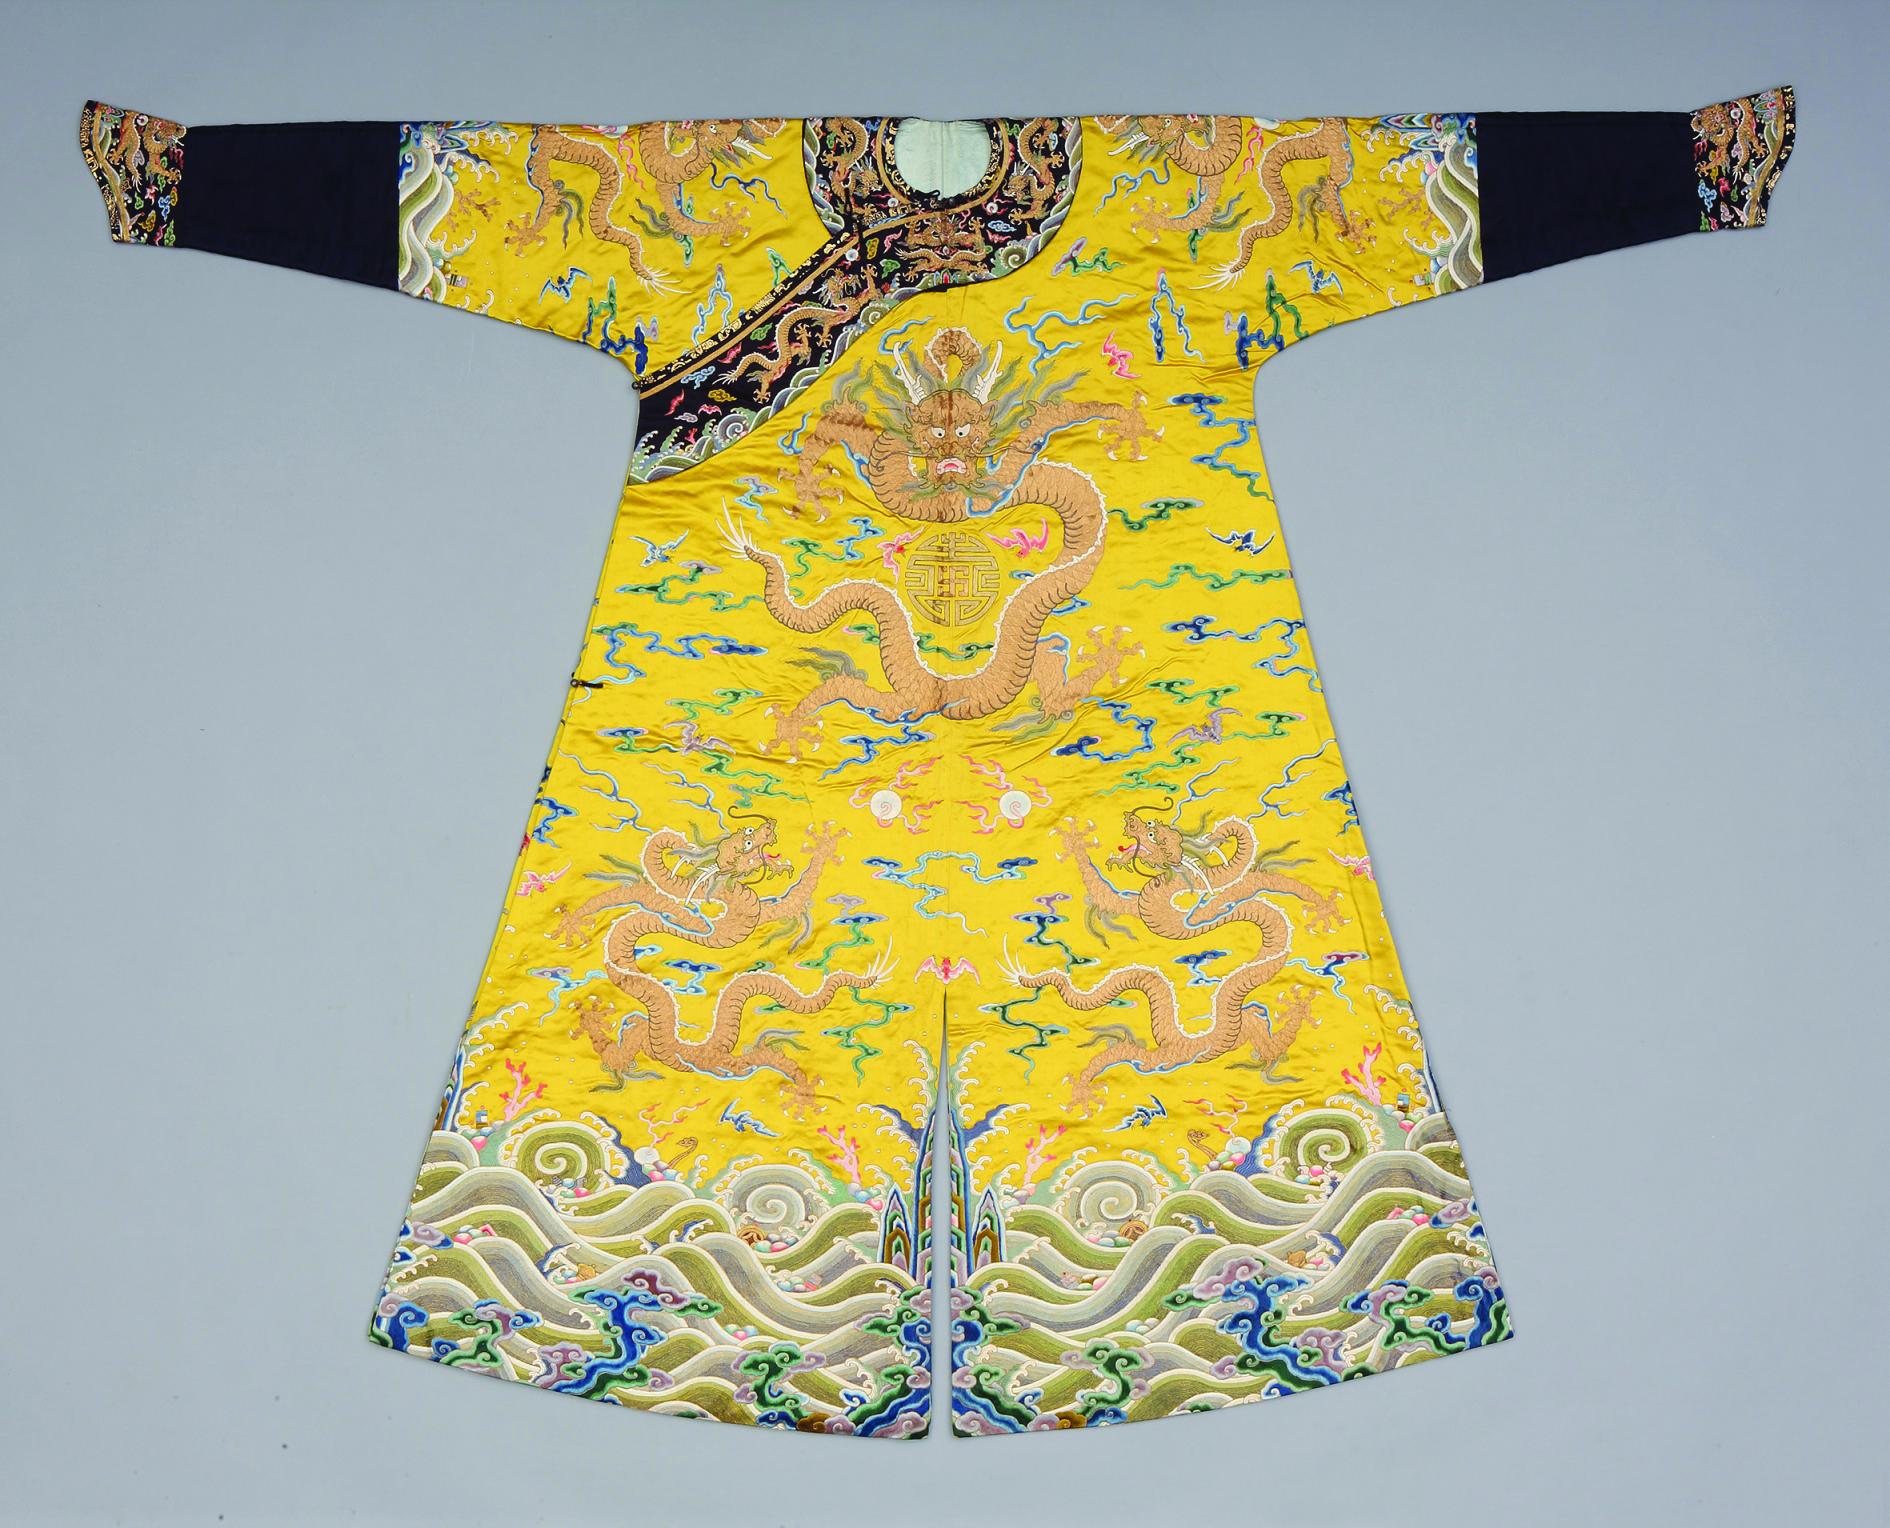 MAM   Trajes da dinastia Qing em exposição a partir de 16 de Dezembro